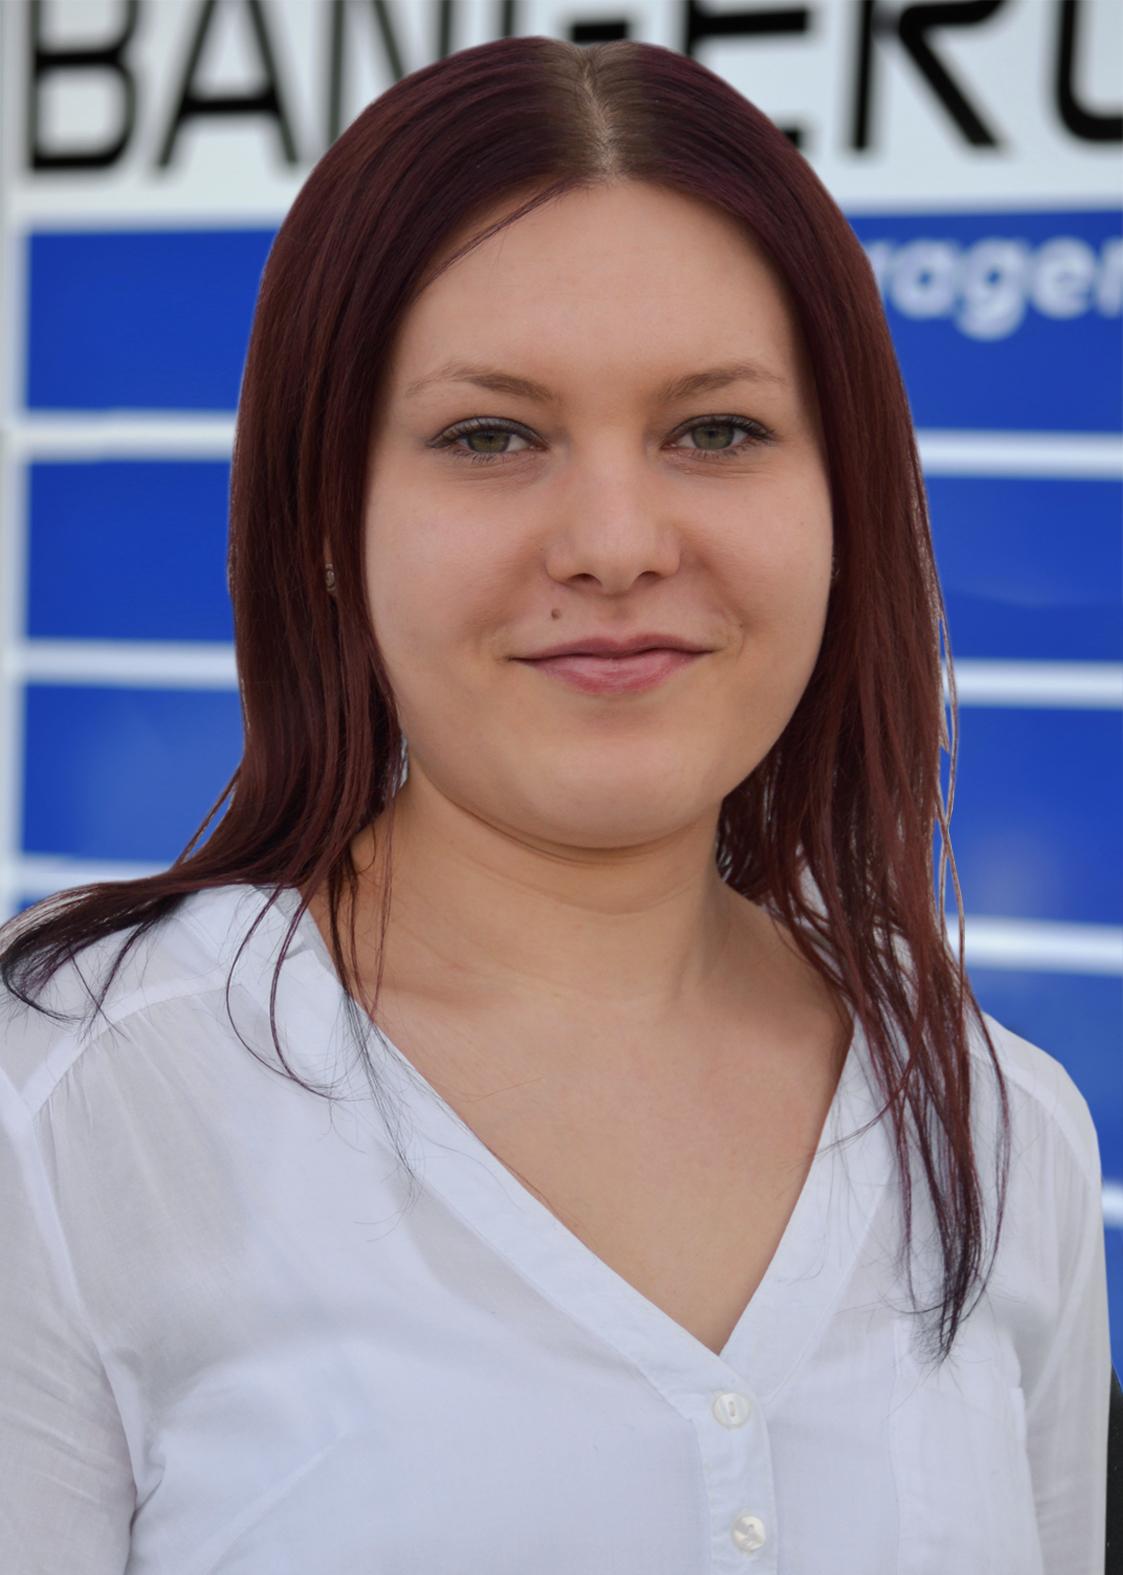 ELISABETH BERGTHALER